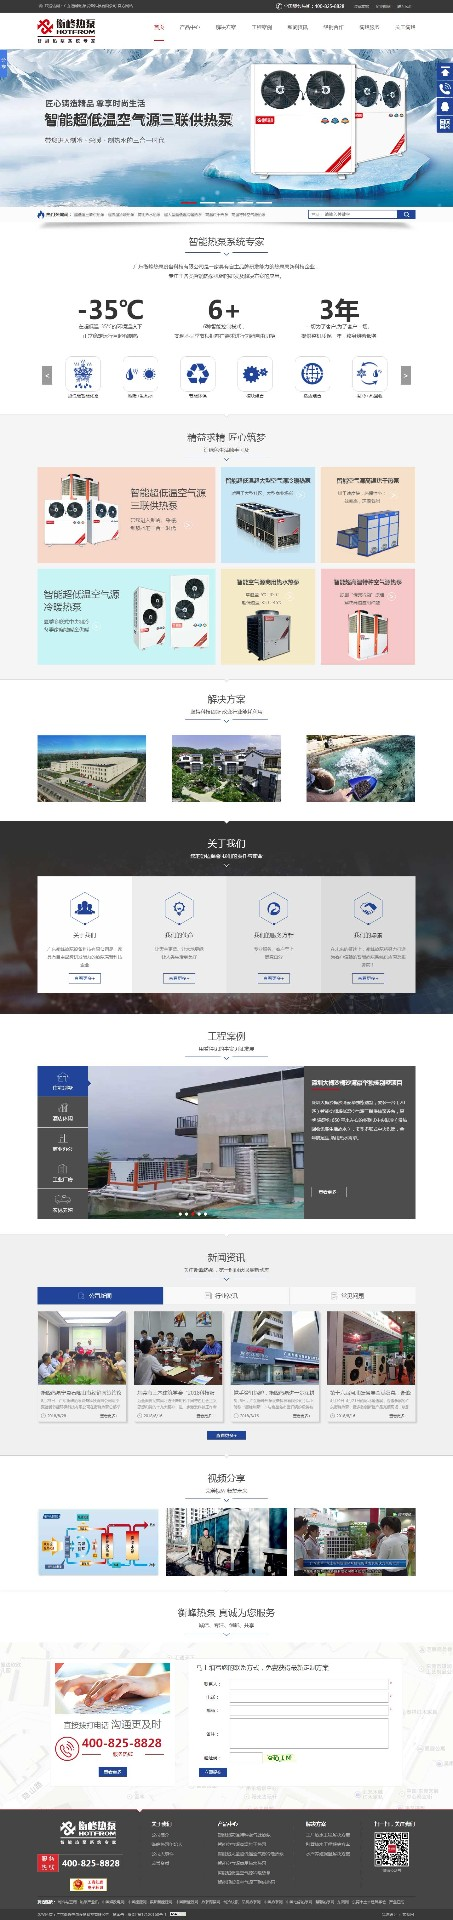 廣東衡峰熱泵設備科技有限公司